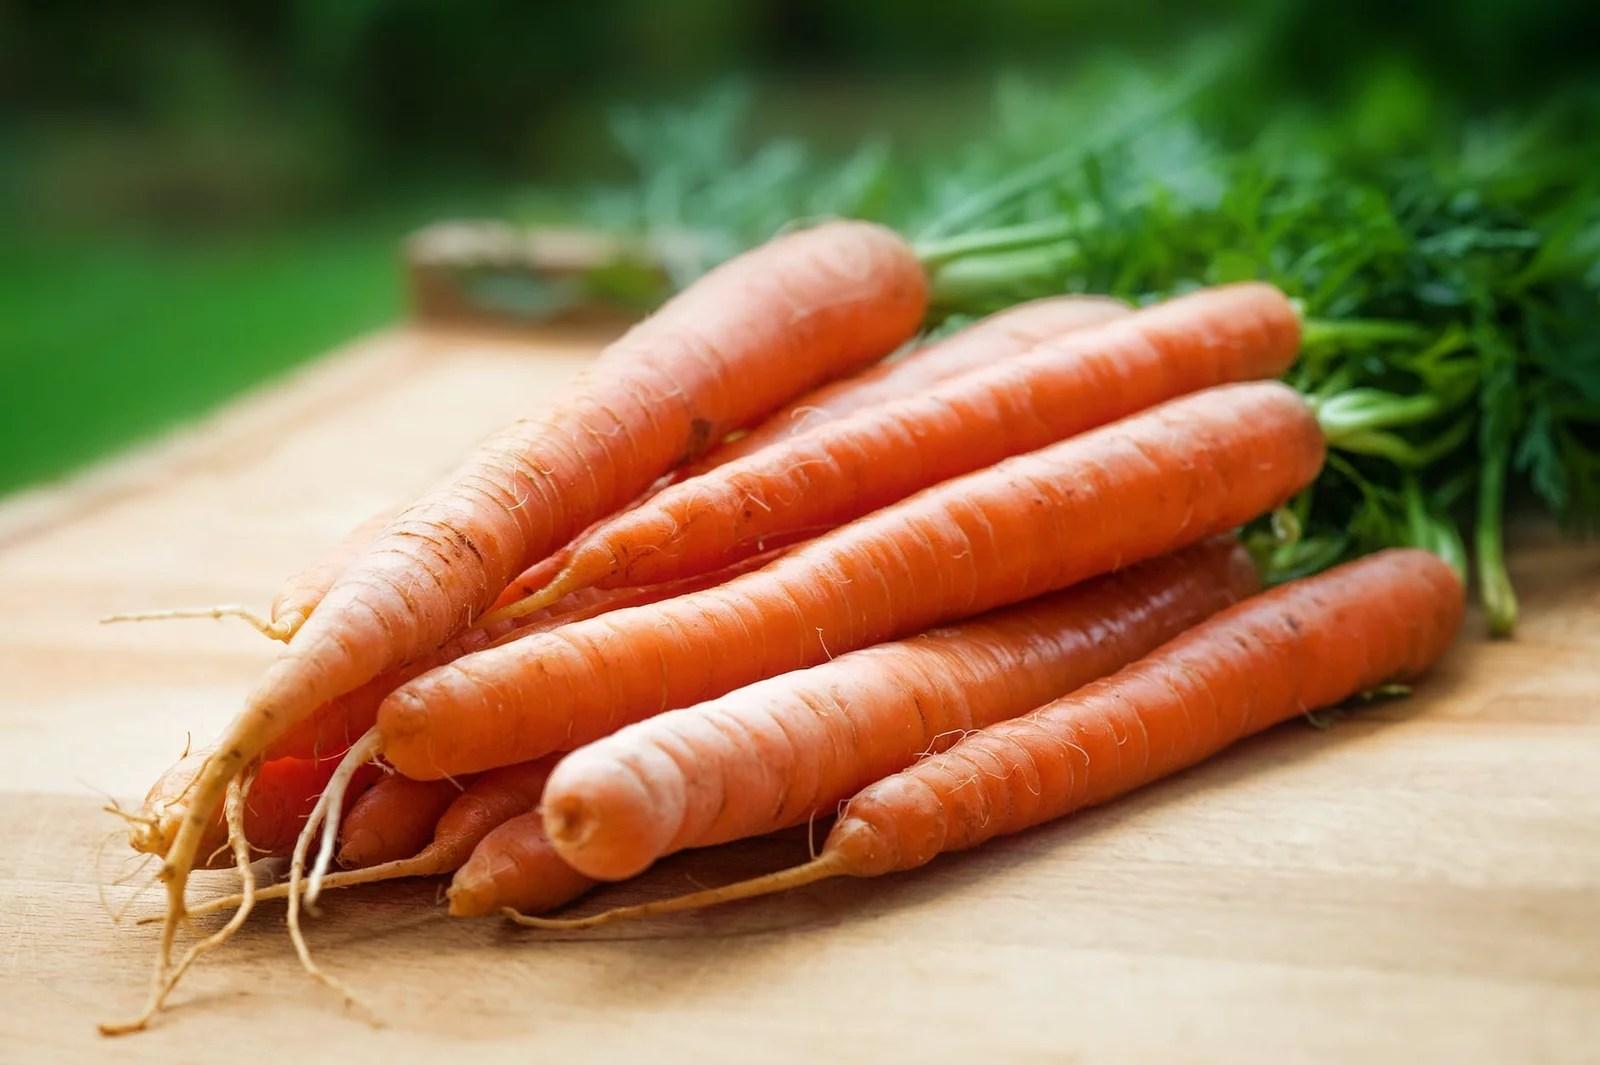 Présentation de la carotte